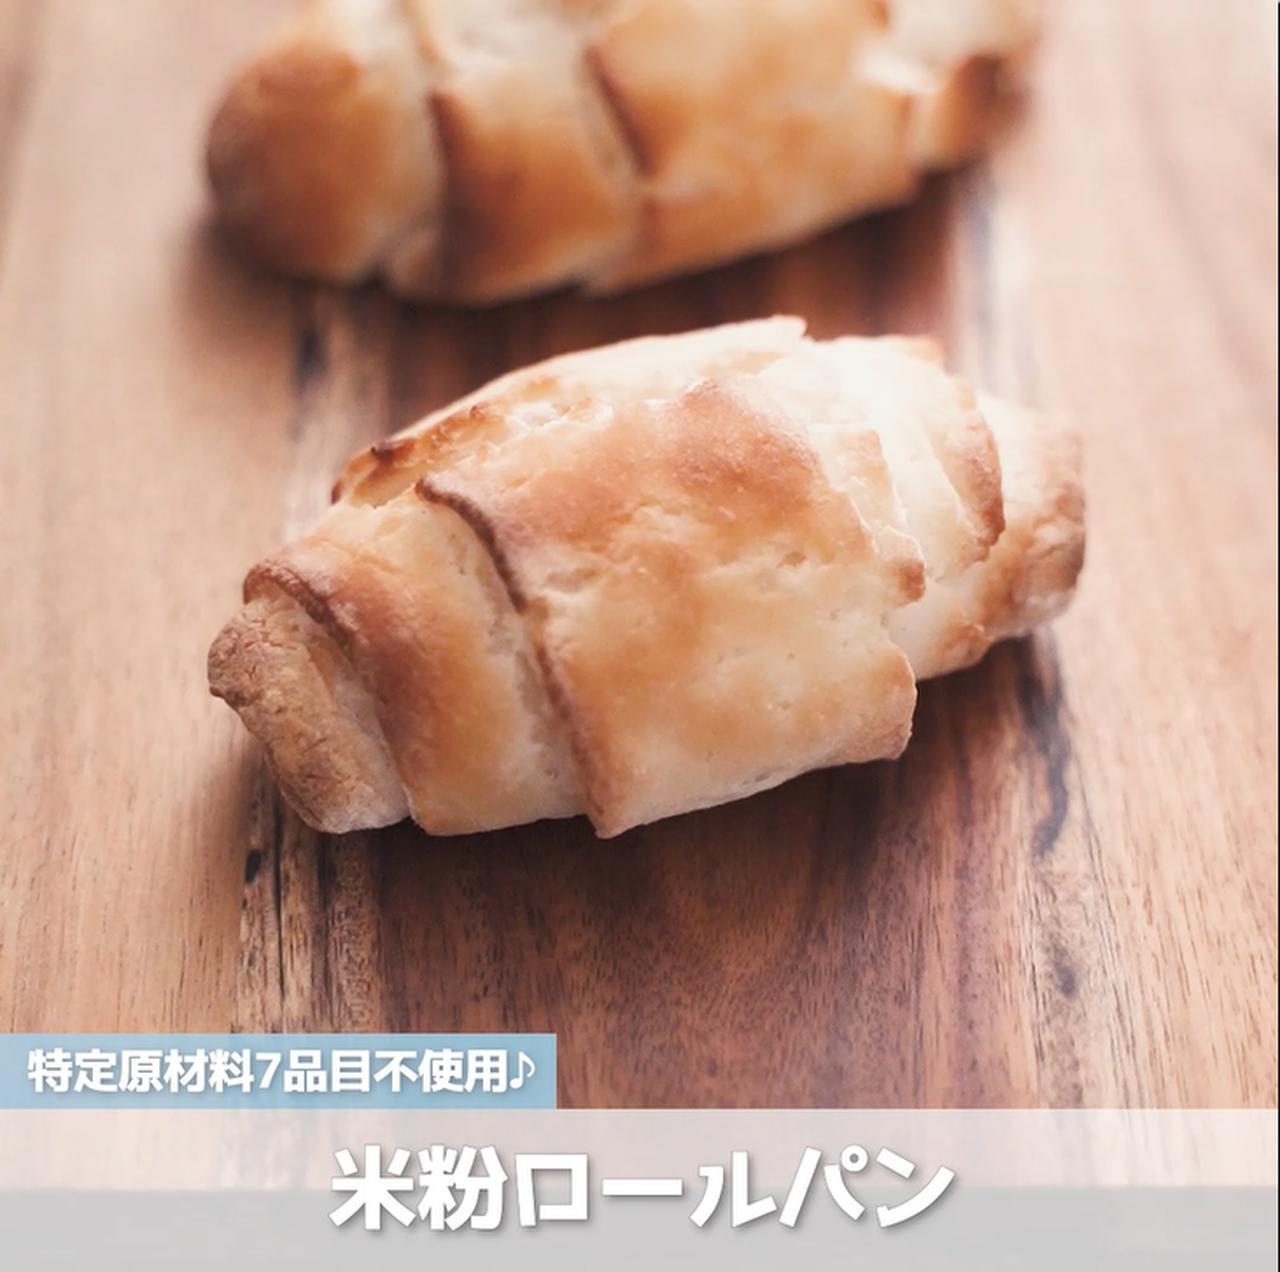 画像: 米粉で作るロールパン - 君とごはん